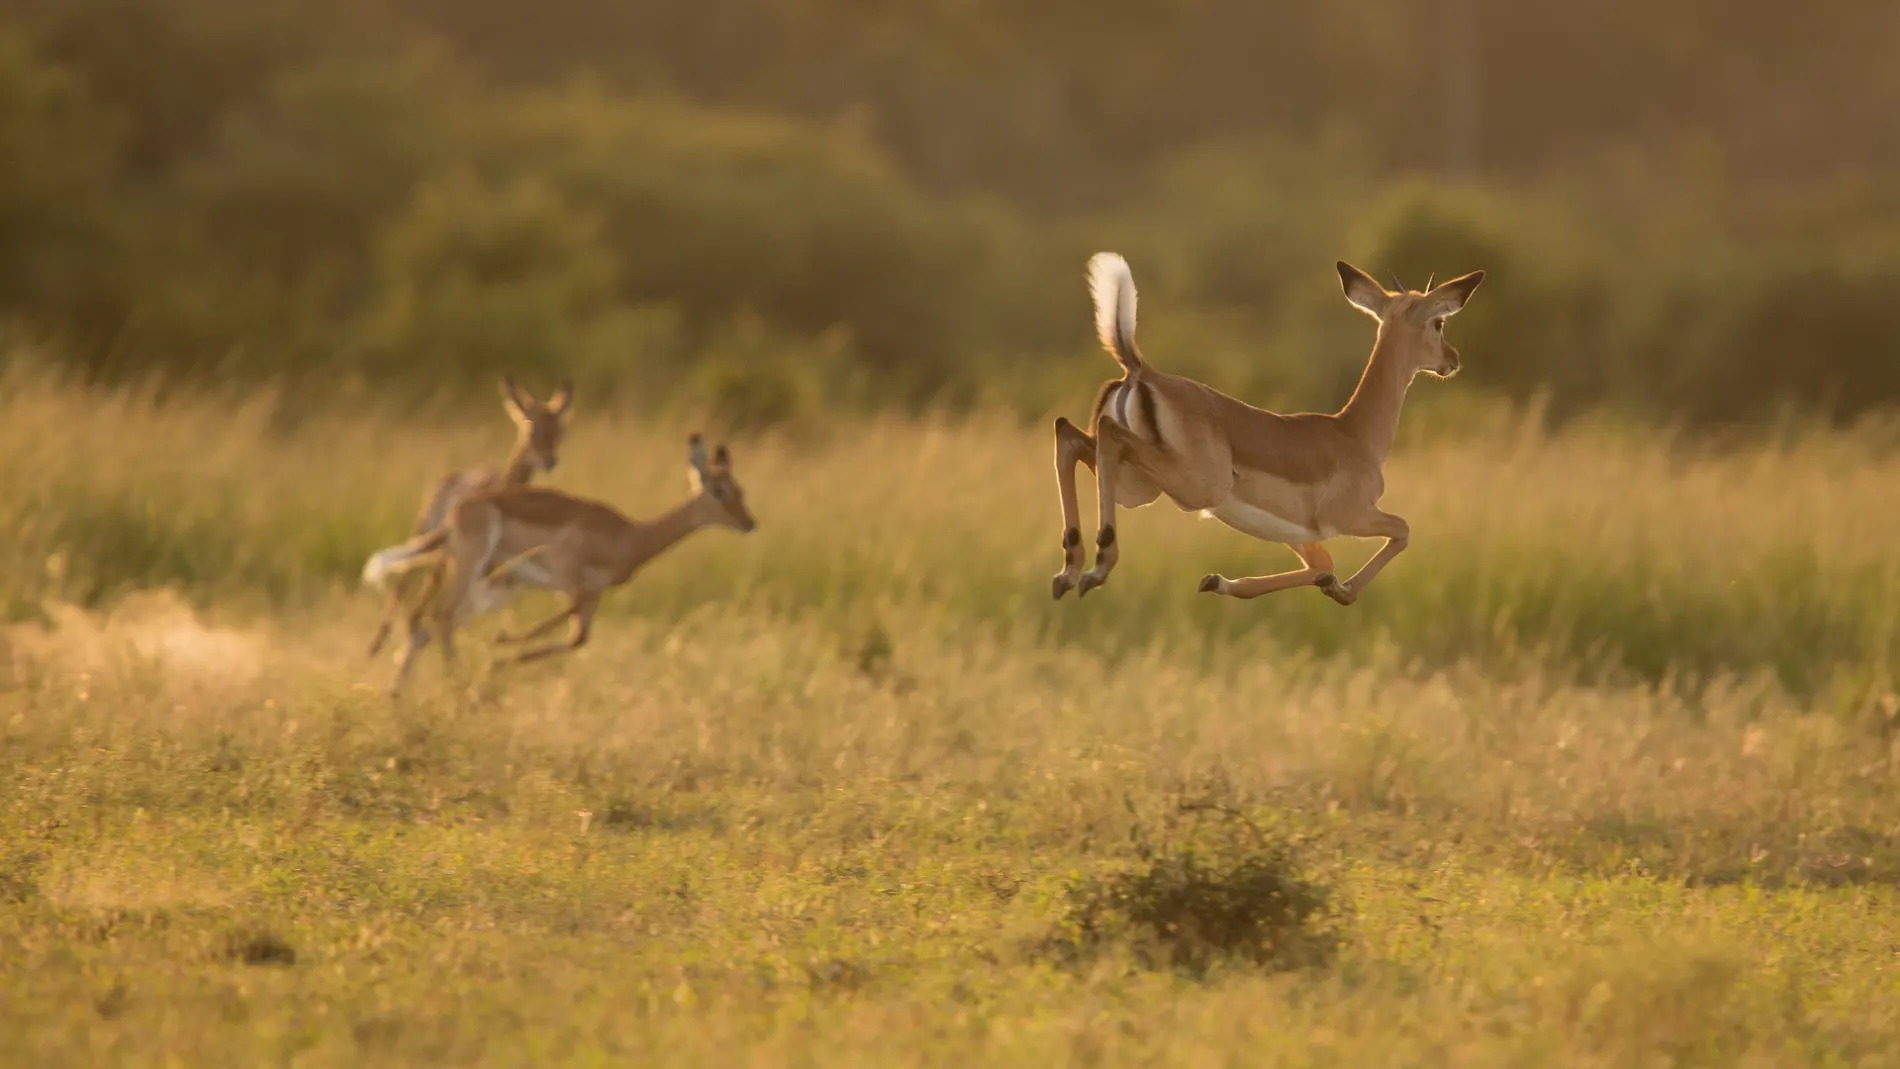 Impala play